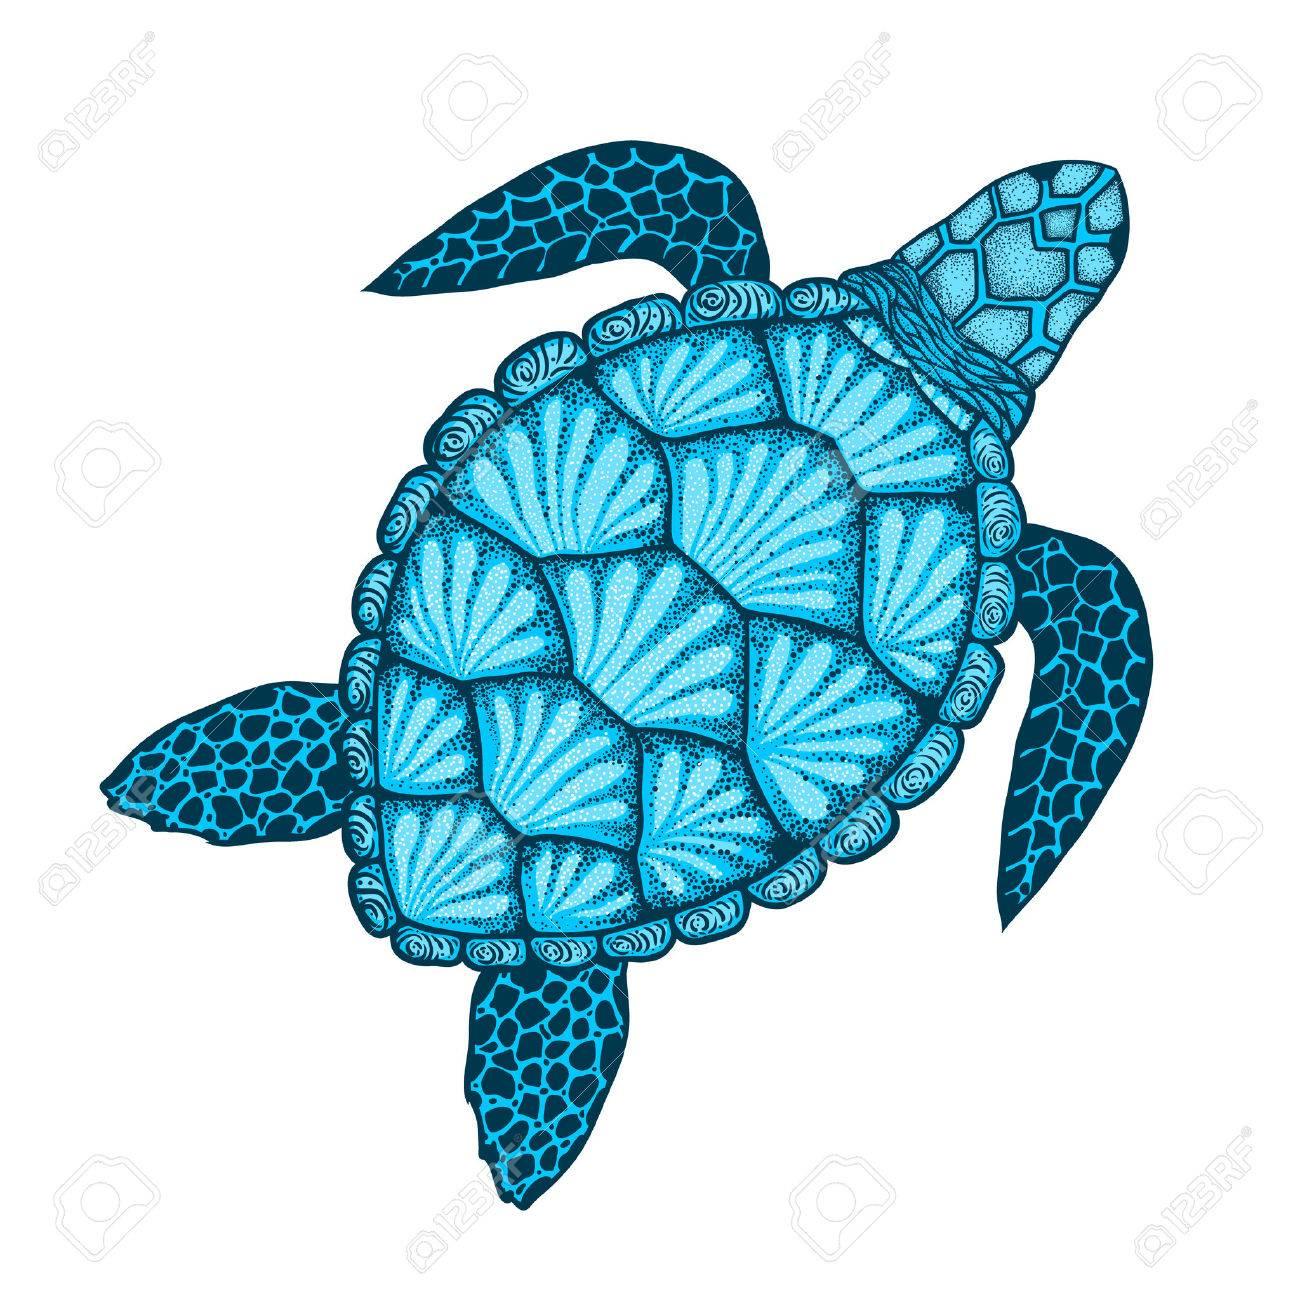 Atemberaubend Die Anatomie Der Meeresschildkröten Galerie ...